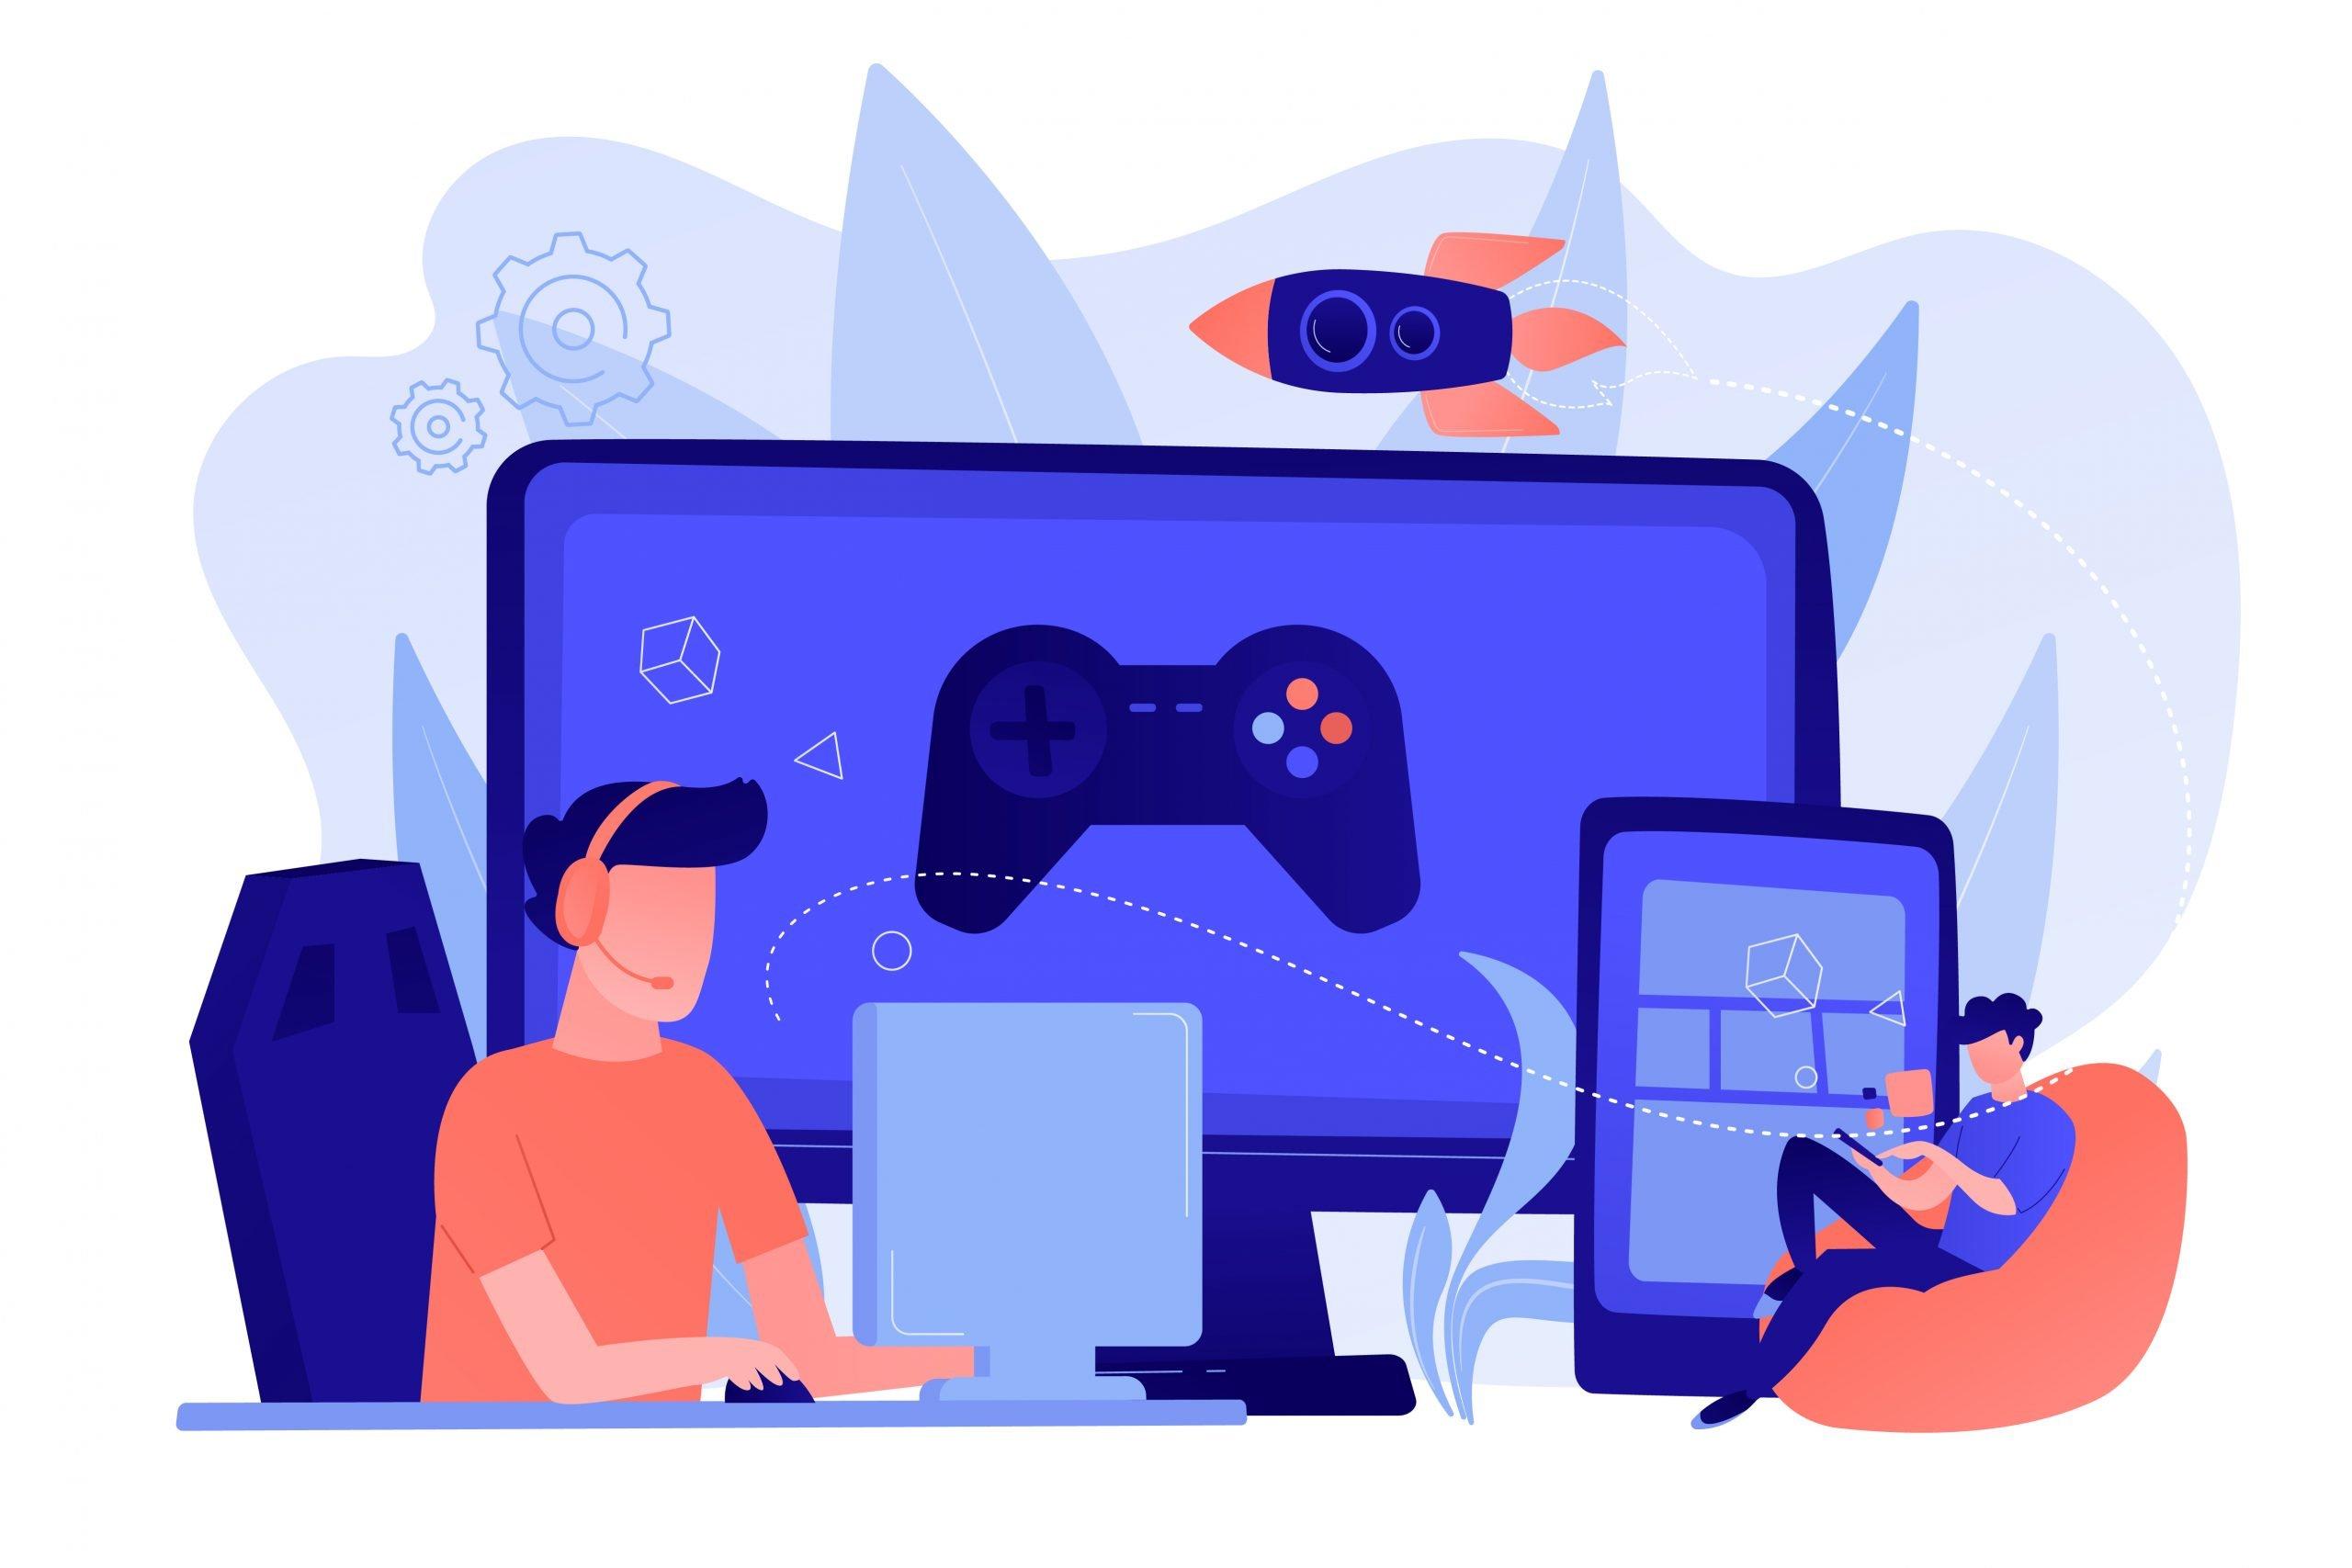 Parhaat mahdolliset pelit konsoleille ja tietokoneelle